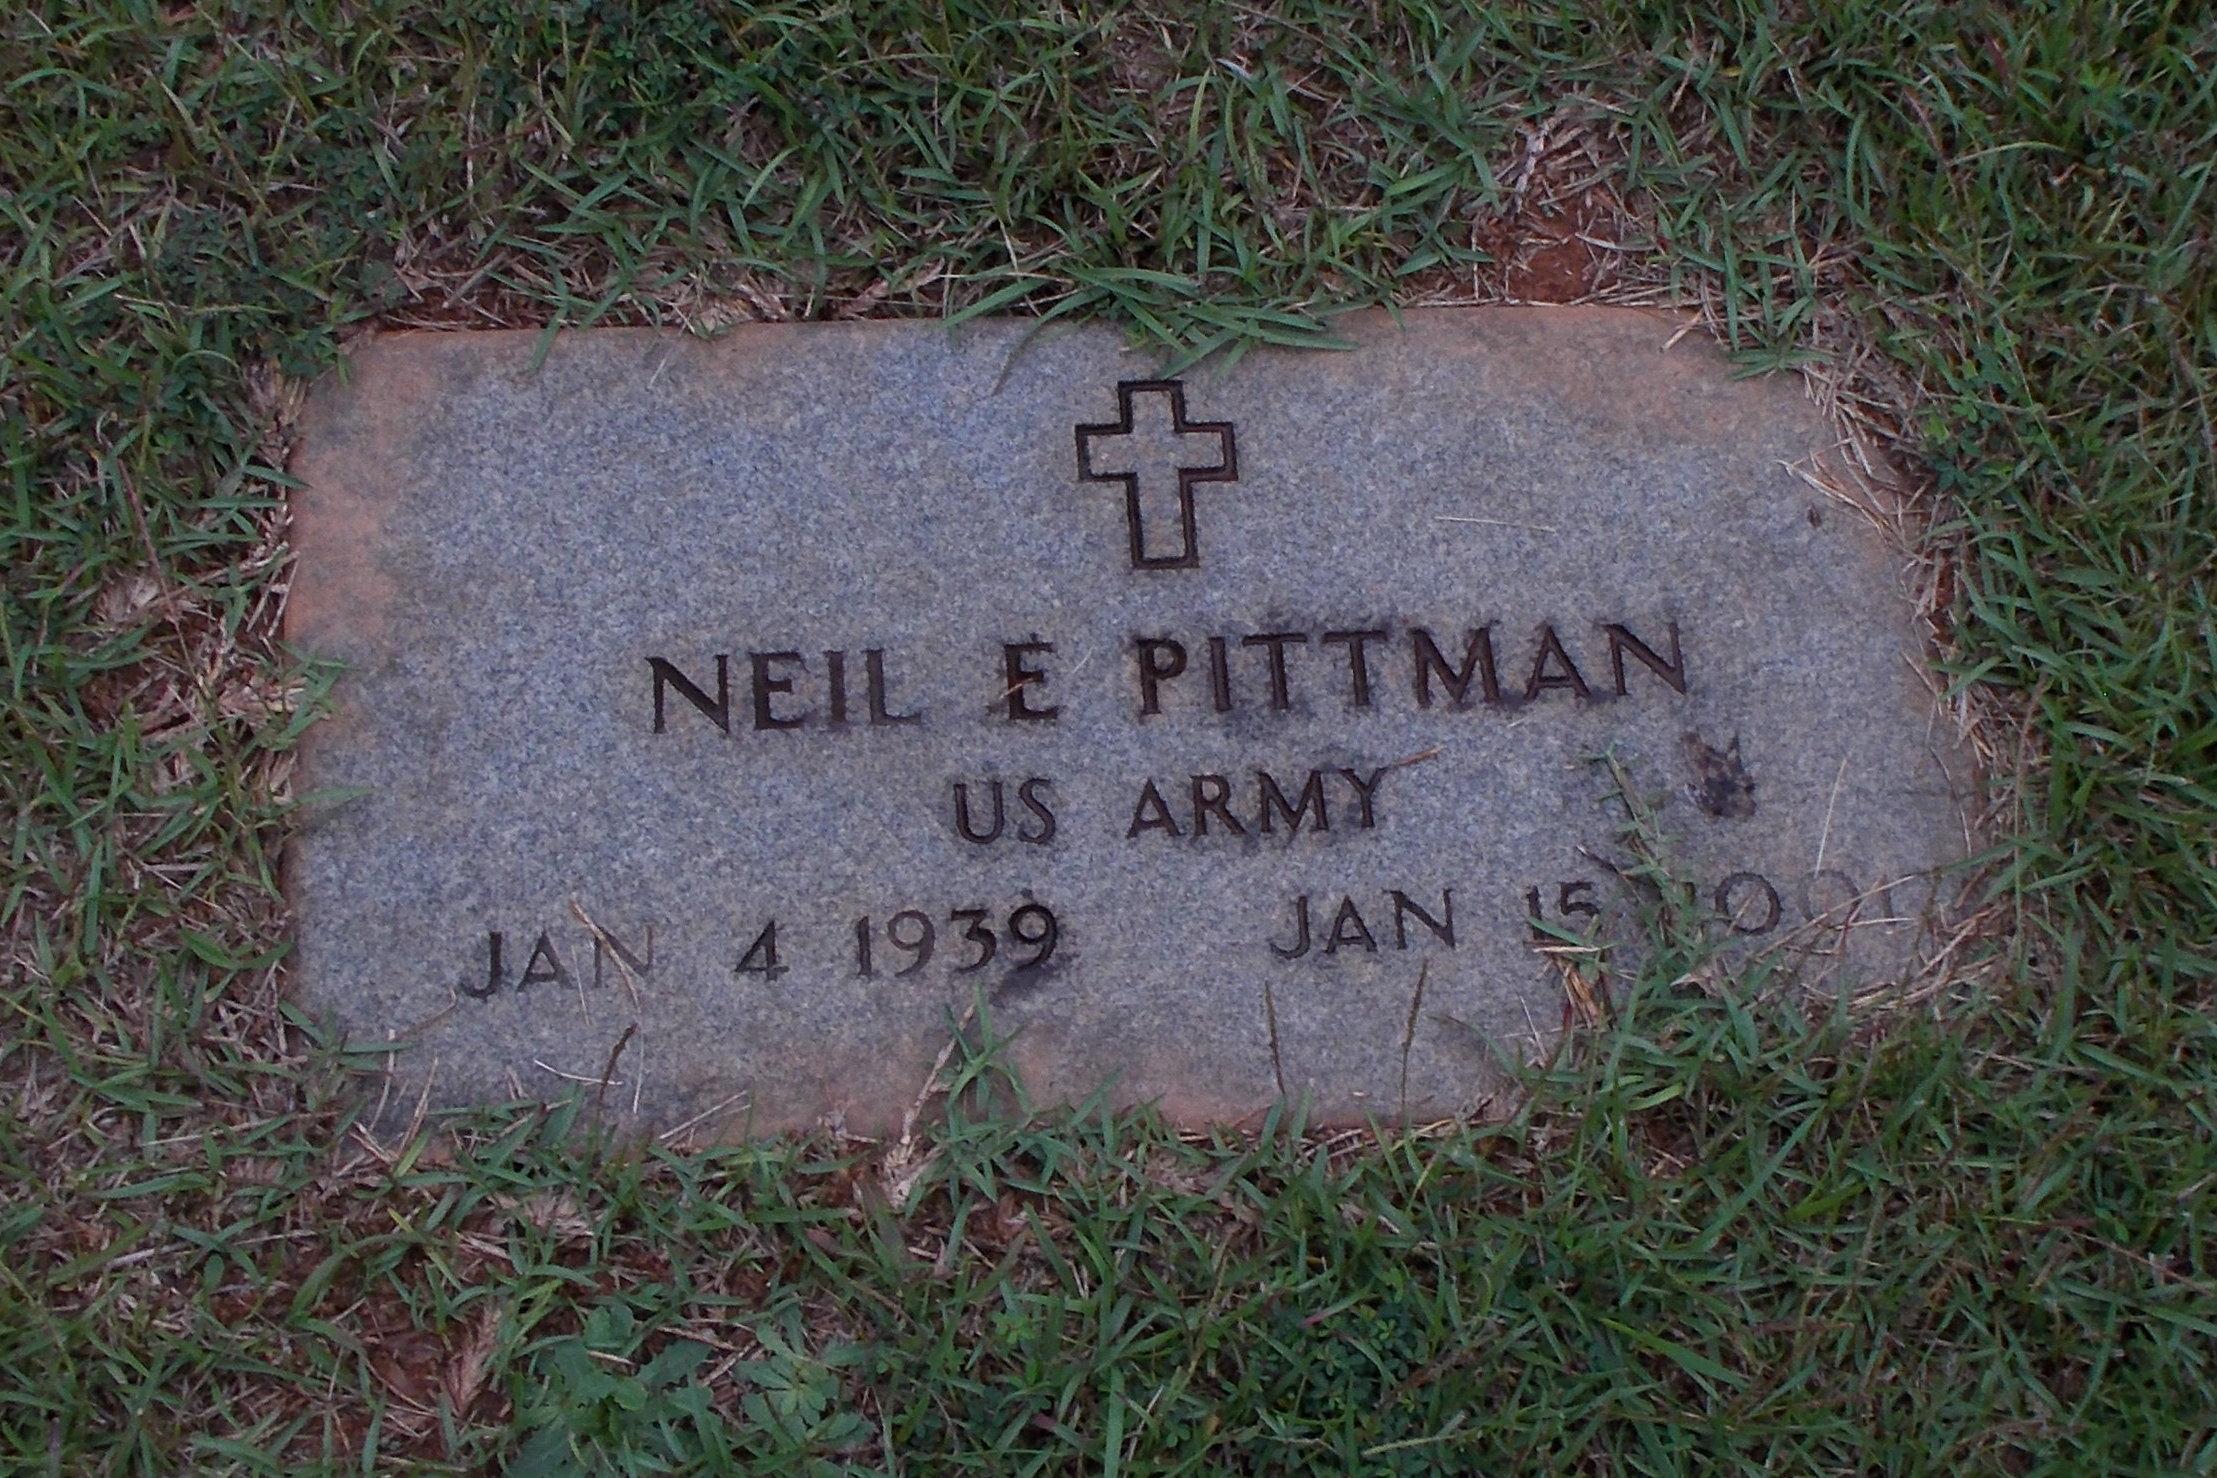 Neil E Pittman